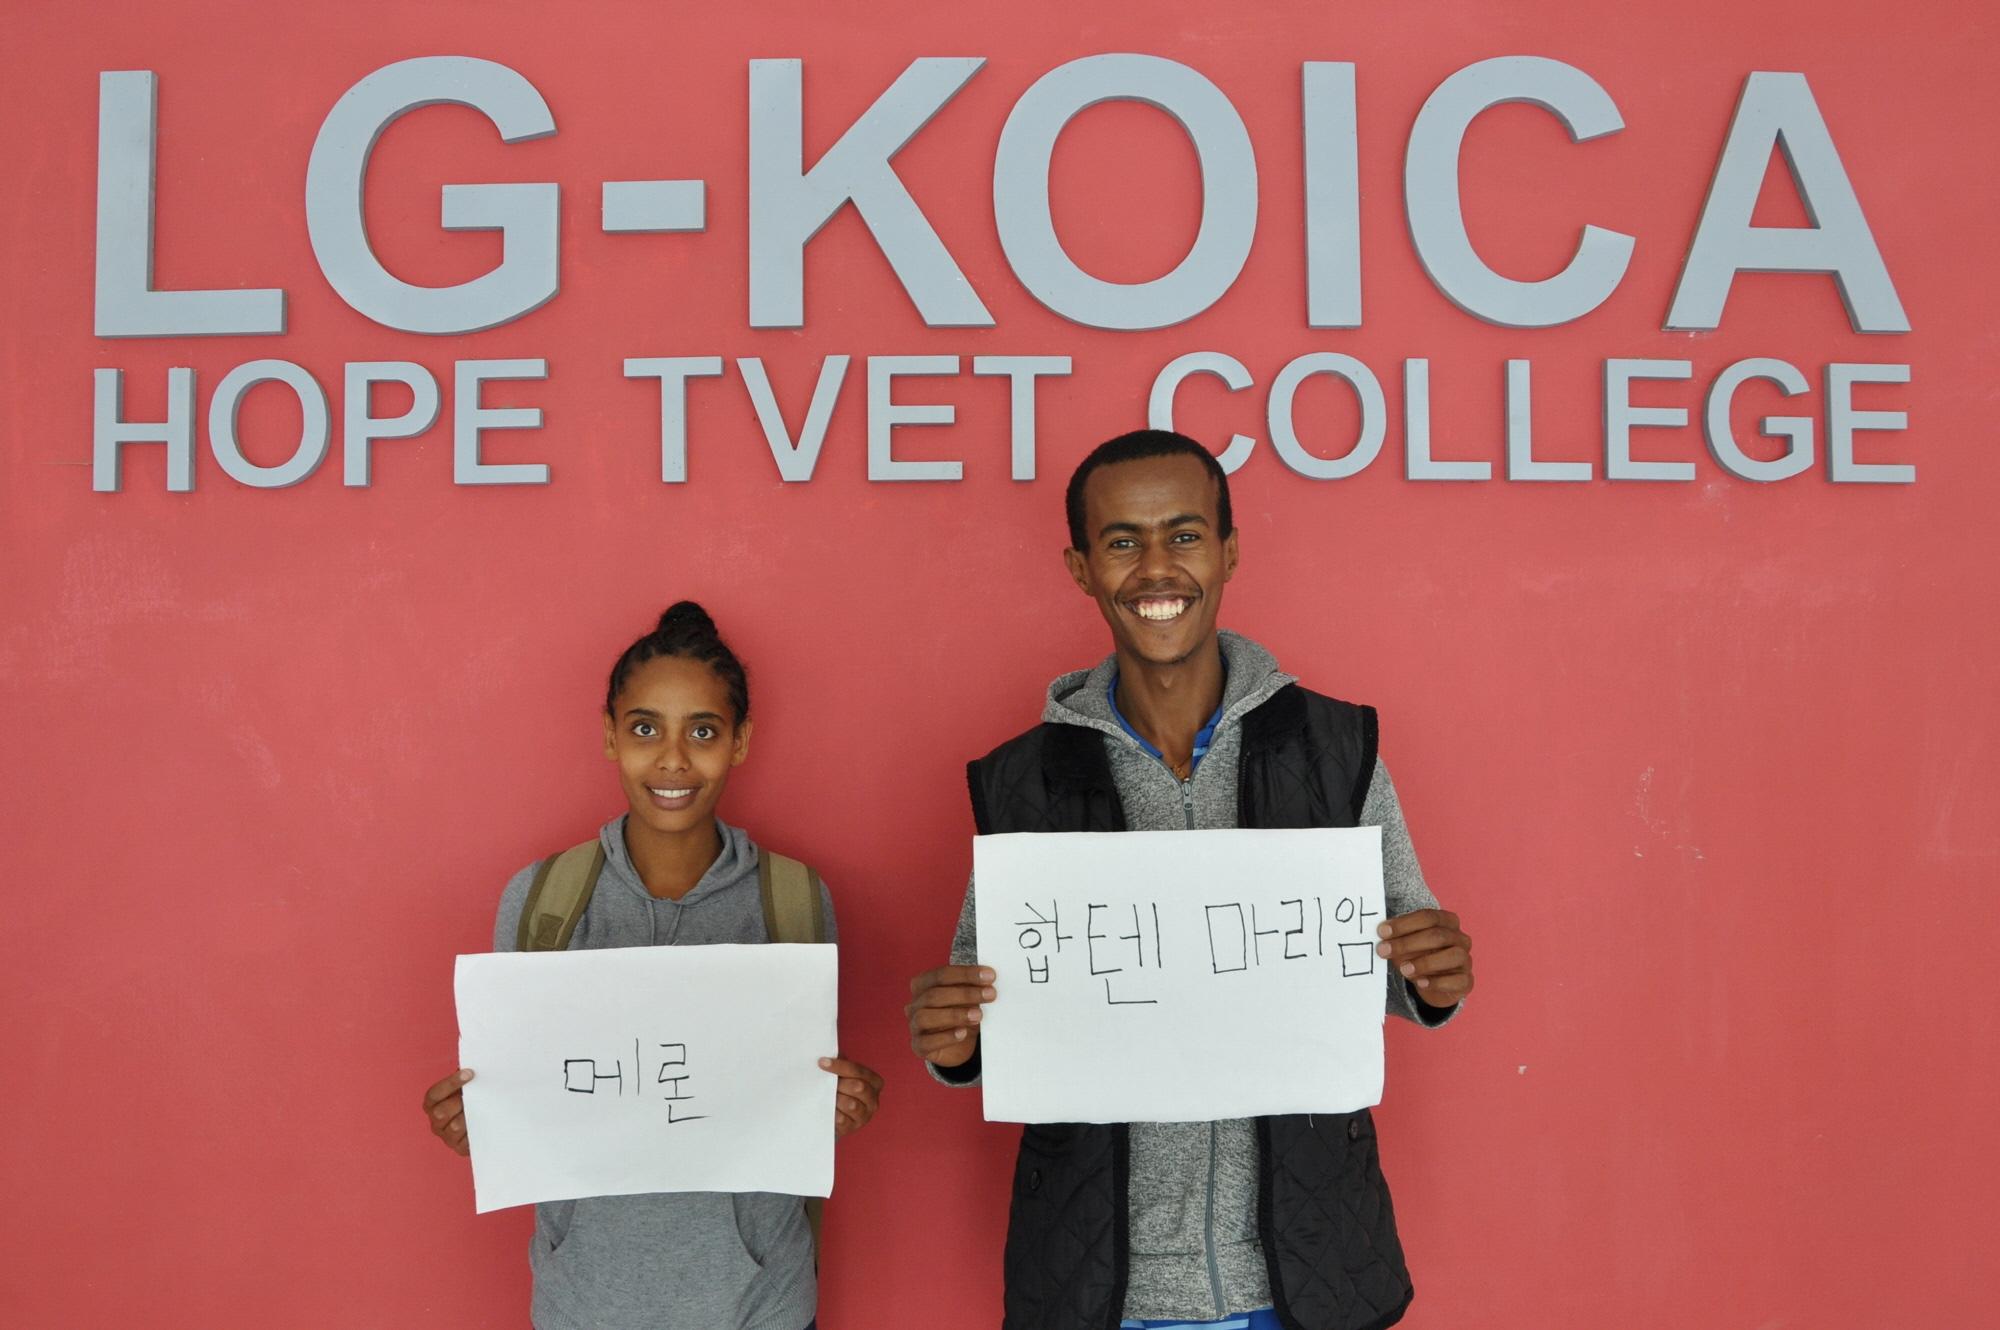 LG전자가 지난 달 중순부터 이달 5일까지 총 6회에 걸쳐 에티오피아 참전용사 후손 30여 명을 대상으로 한글 수업을 진행했다. 사진은 에티오피아 참전용사 후손들이 자신의 이름을 한글로 써서 소개하는 모습.